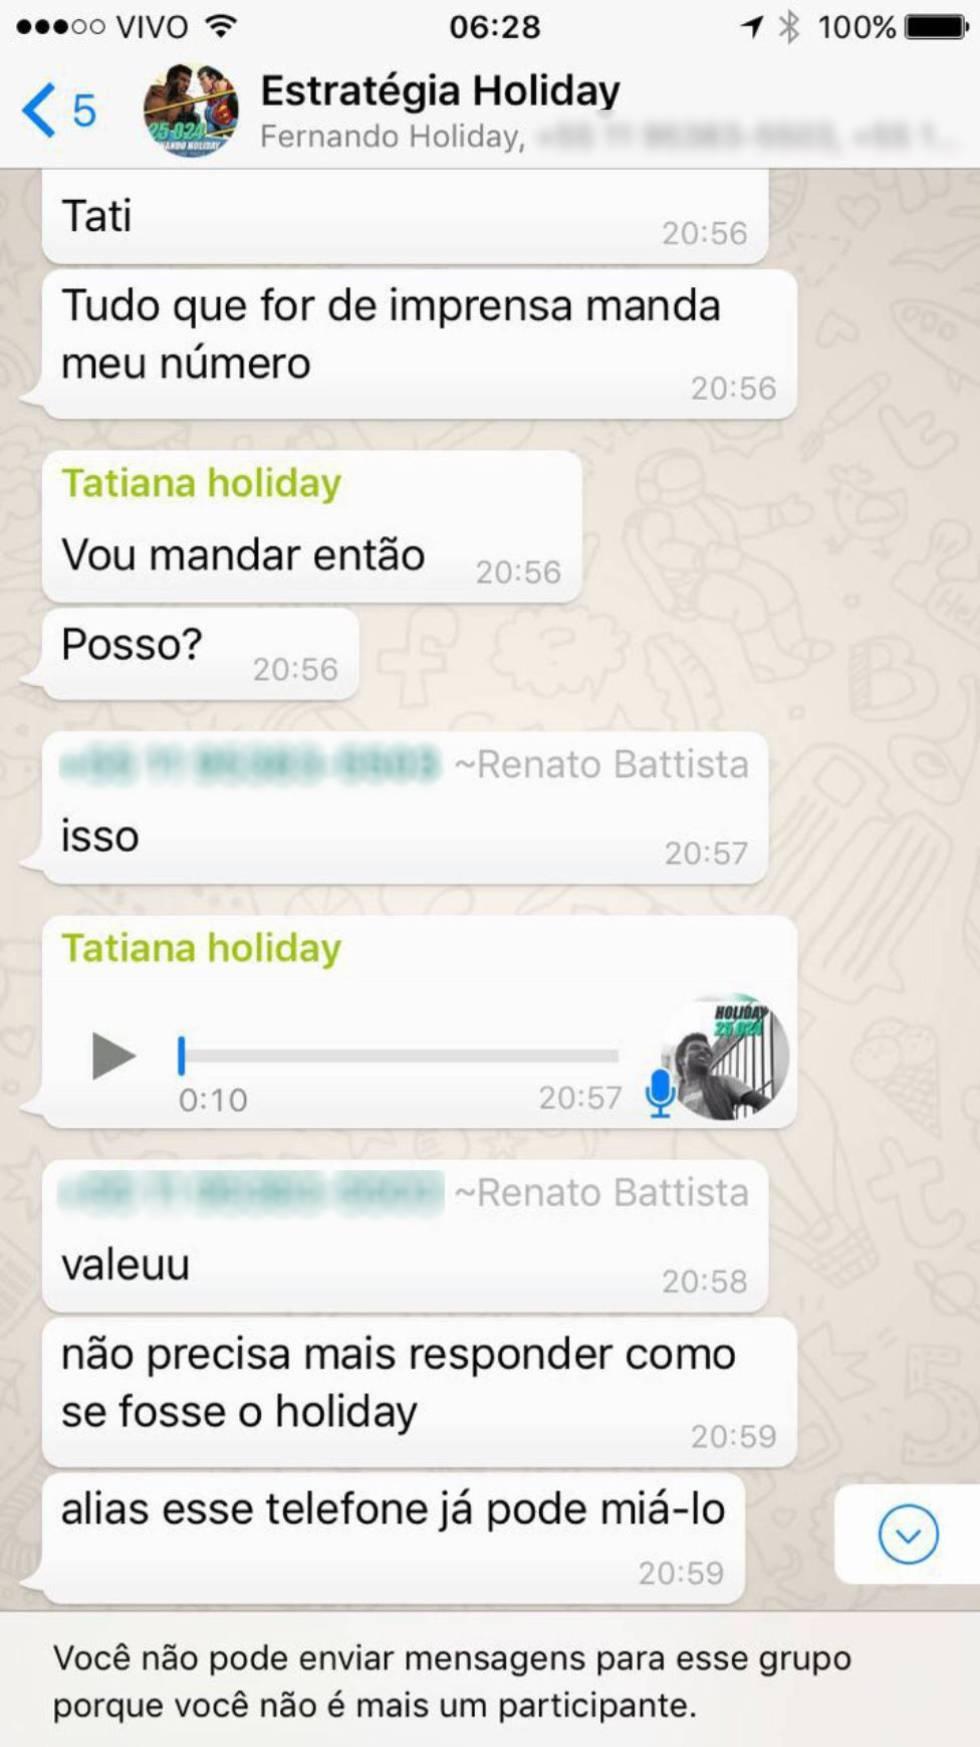 """Diálogos entre Tatiane Carvalho e correligionários da campanha do democrata; """"eleitora"""" responsável por pagamento de cabos eleitorais tinha mais atributos na campanha do que parlamentar fez parecer."""